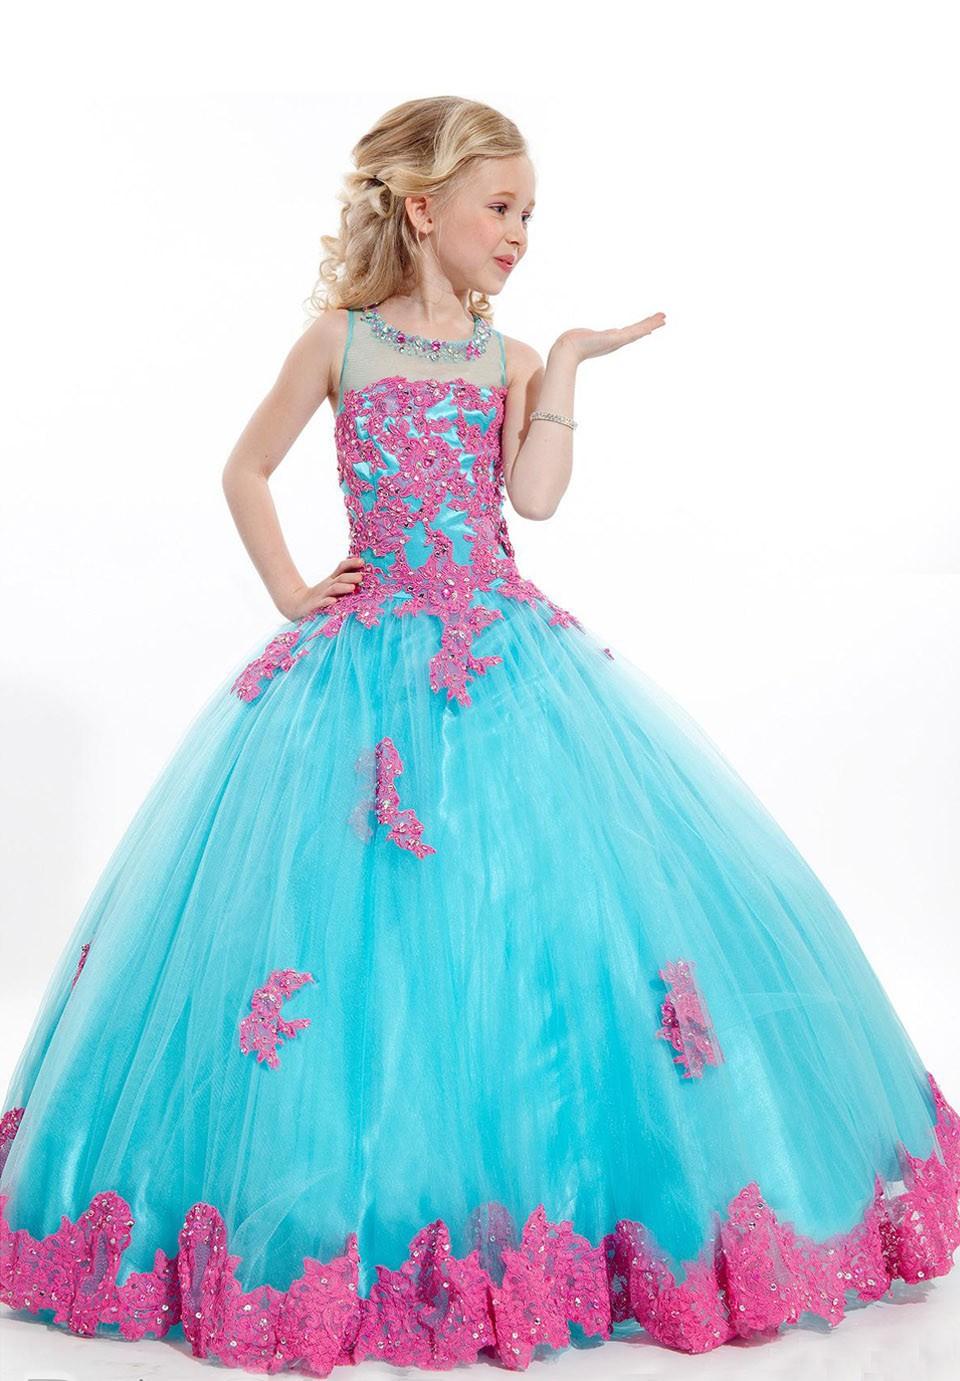 праздничное платье для девочки 10 лет фото